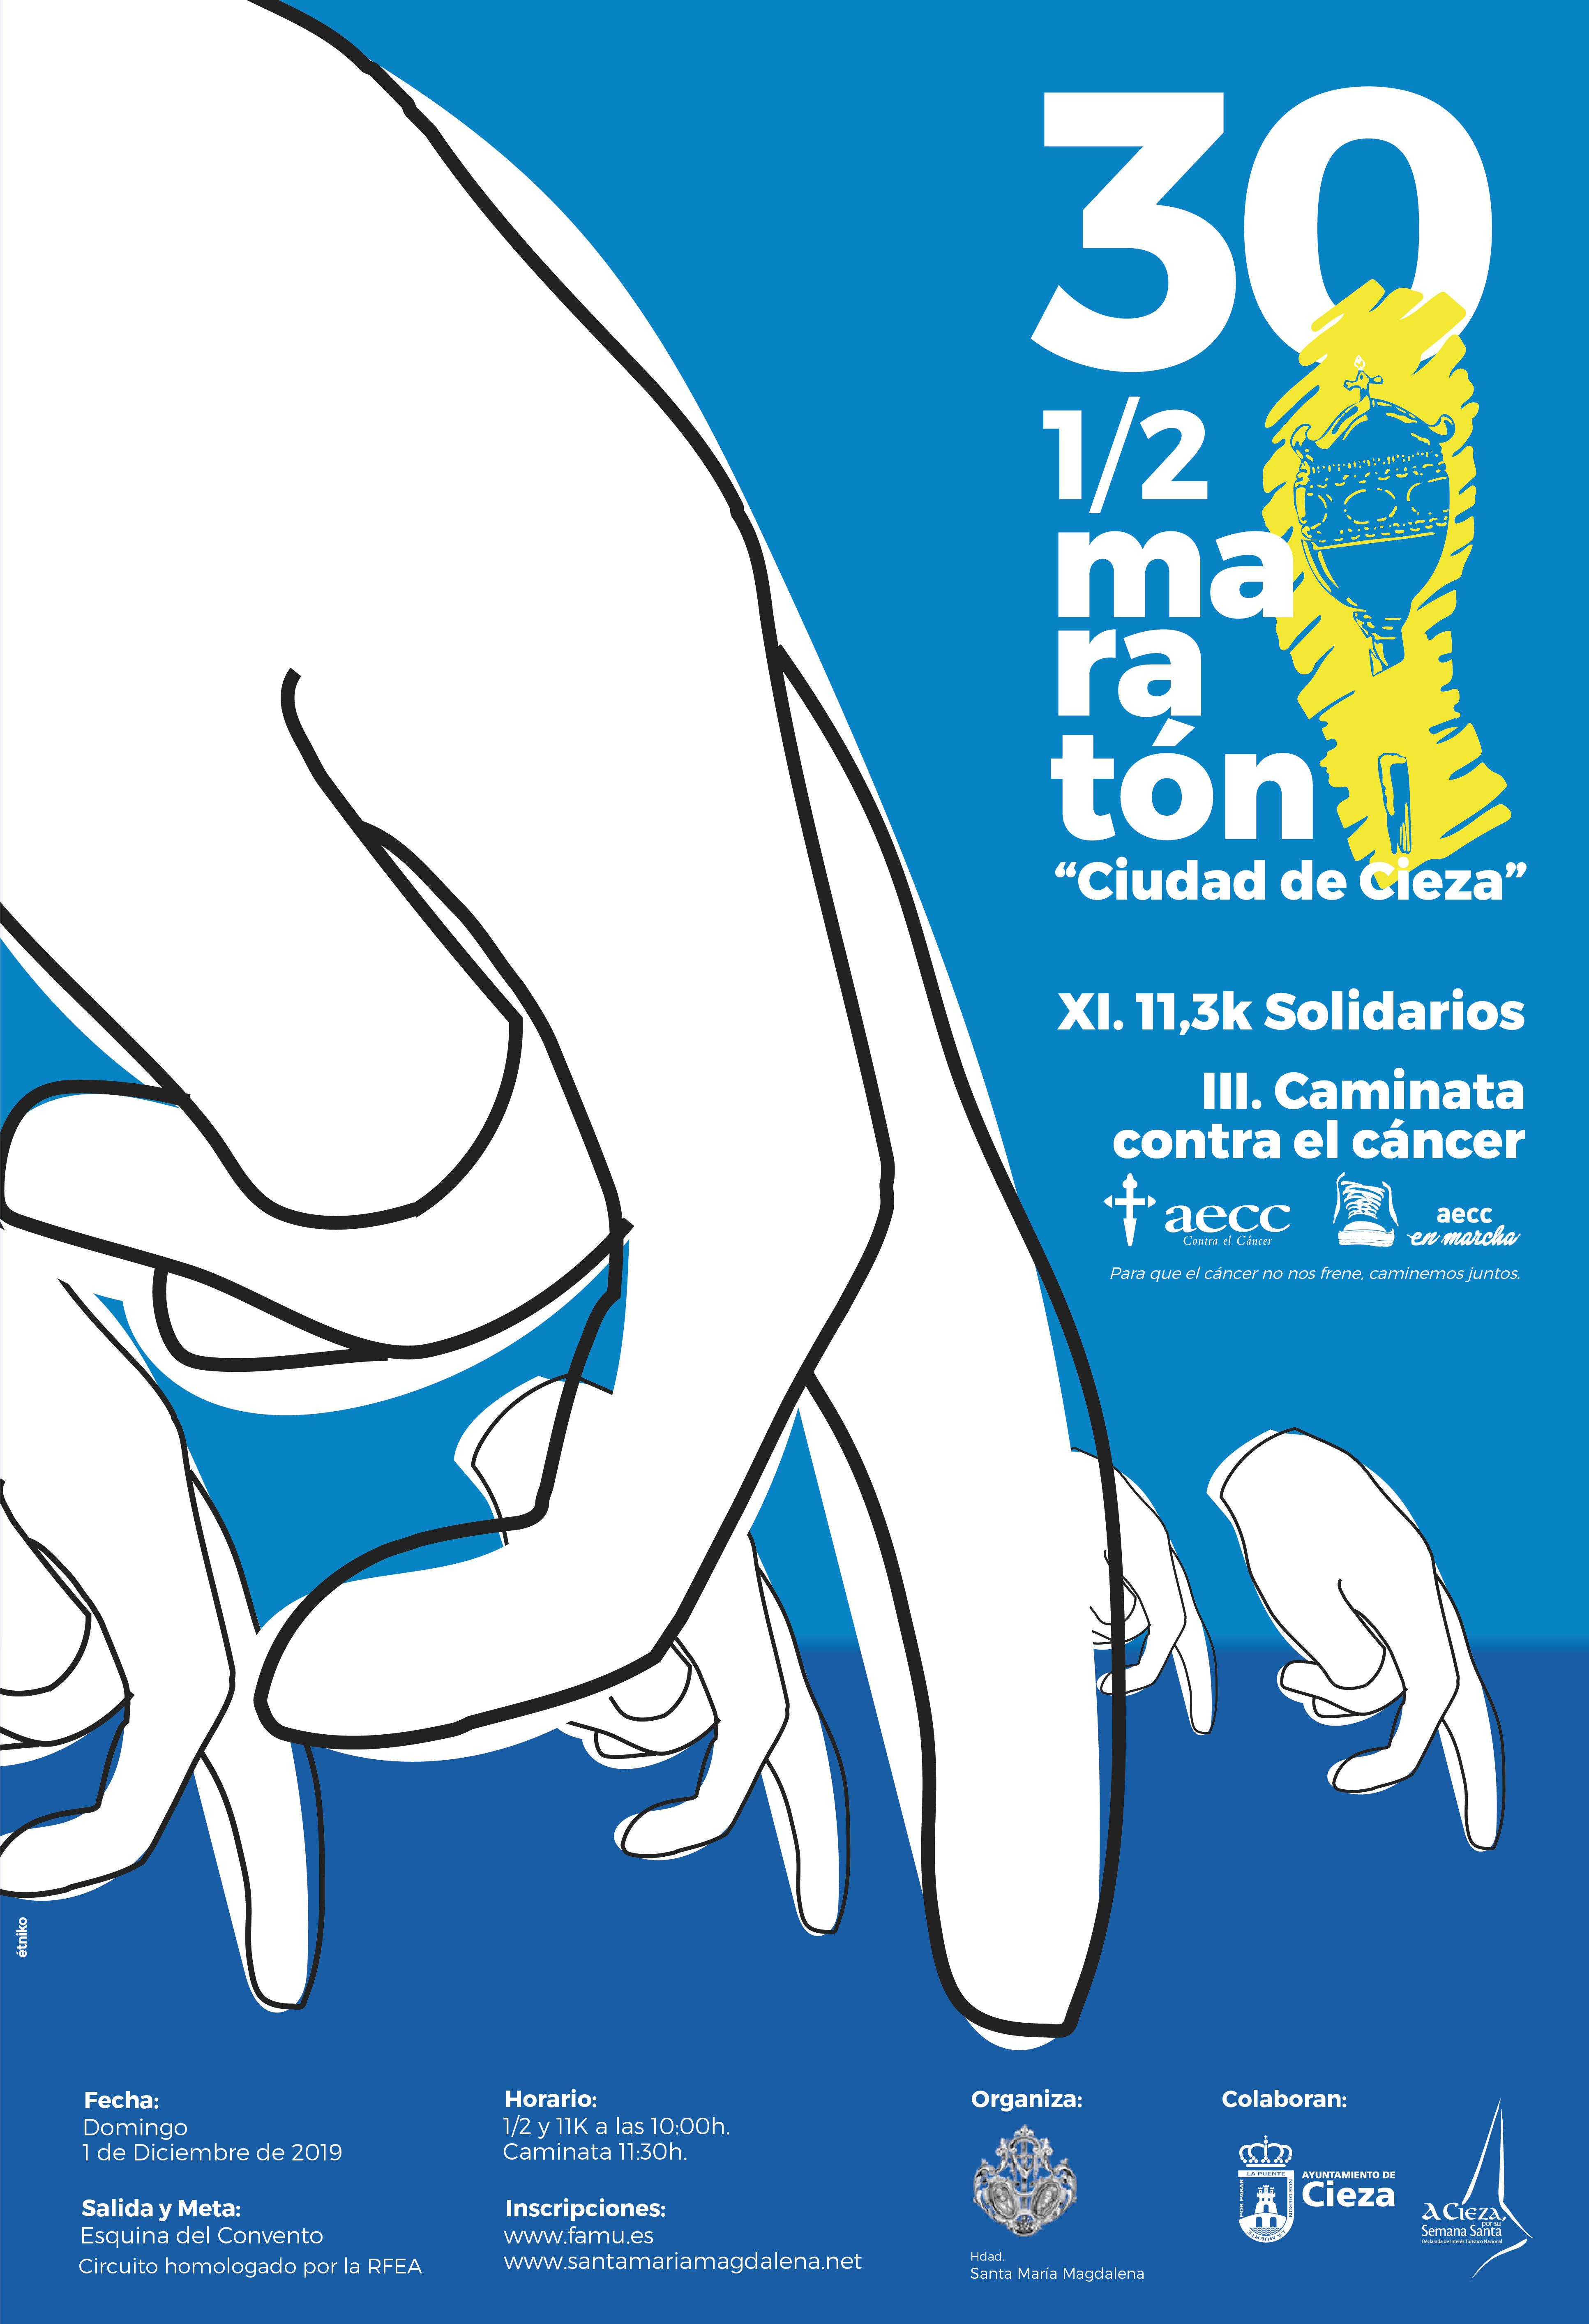 Imagen del Cartel de la Media Maratón de Cieza.